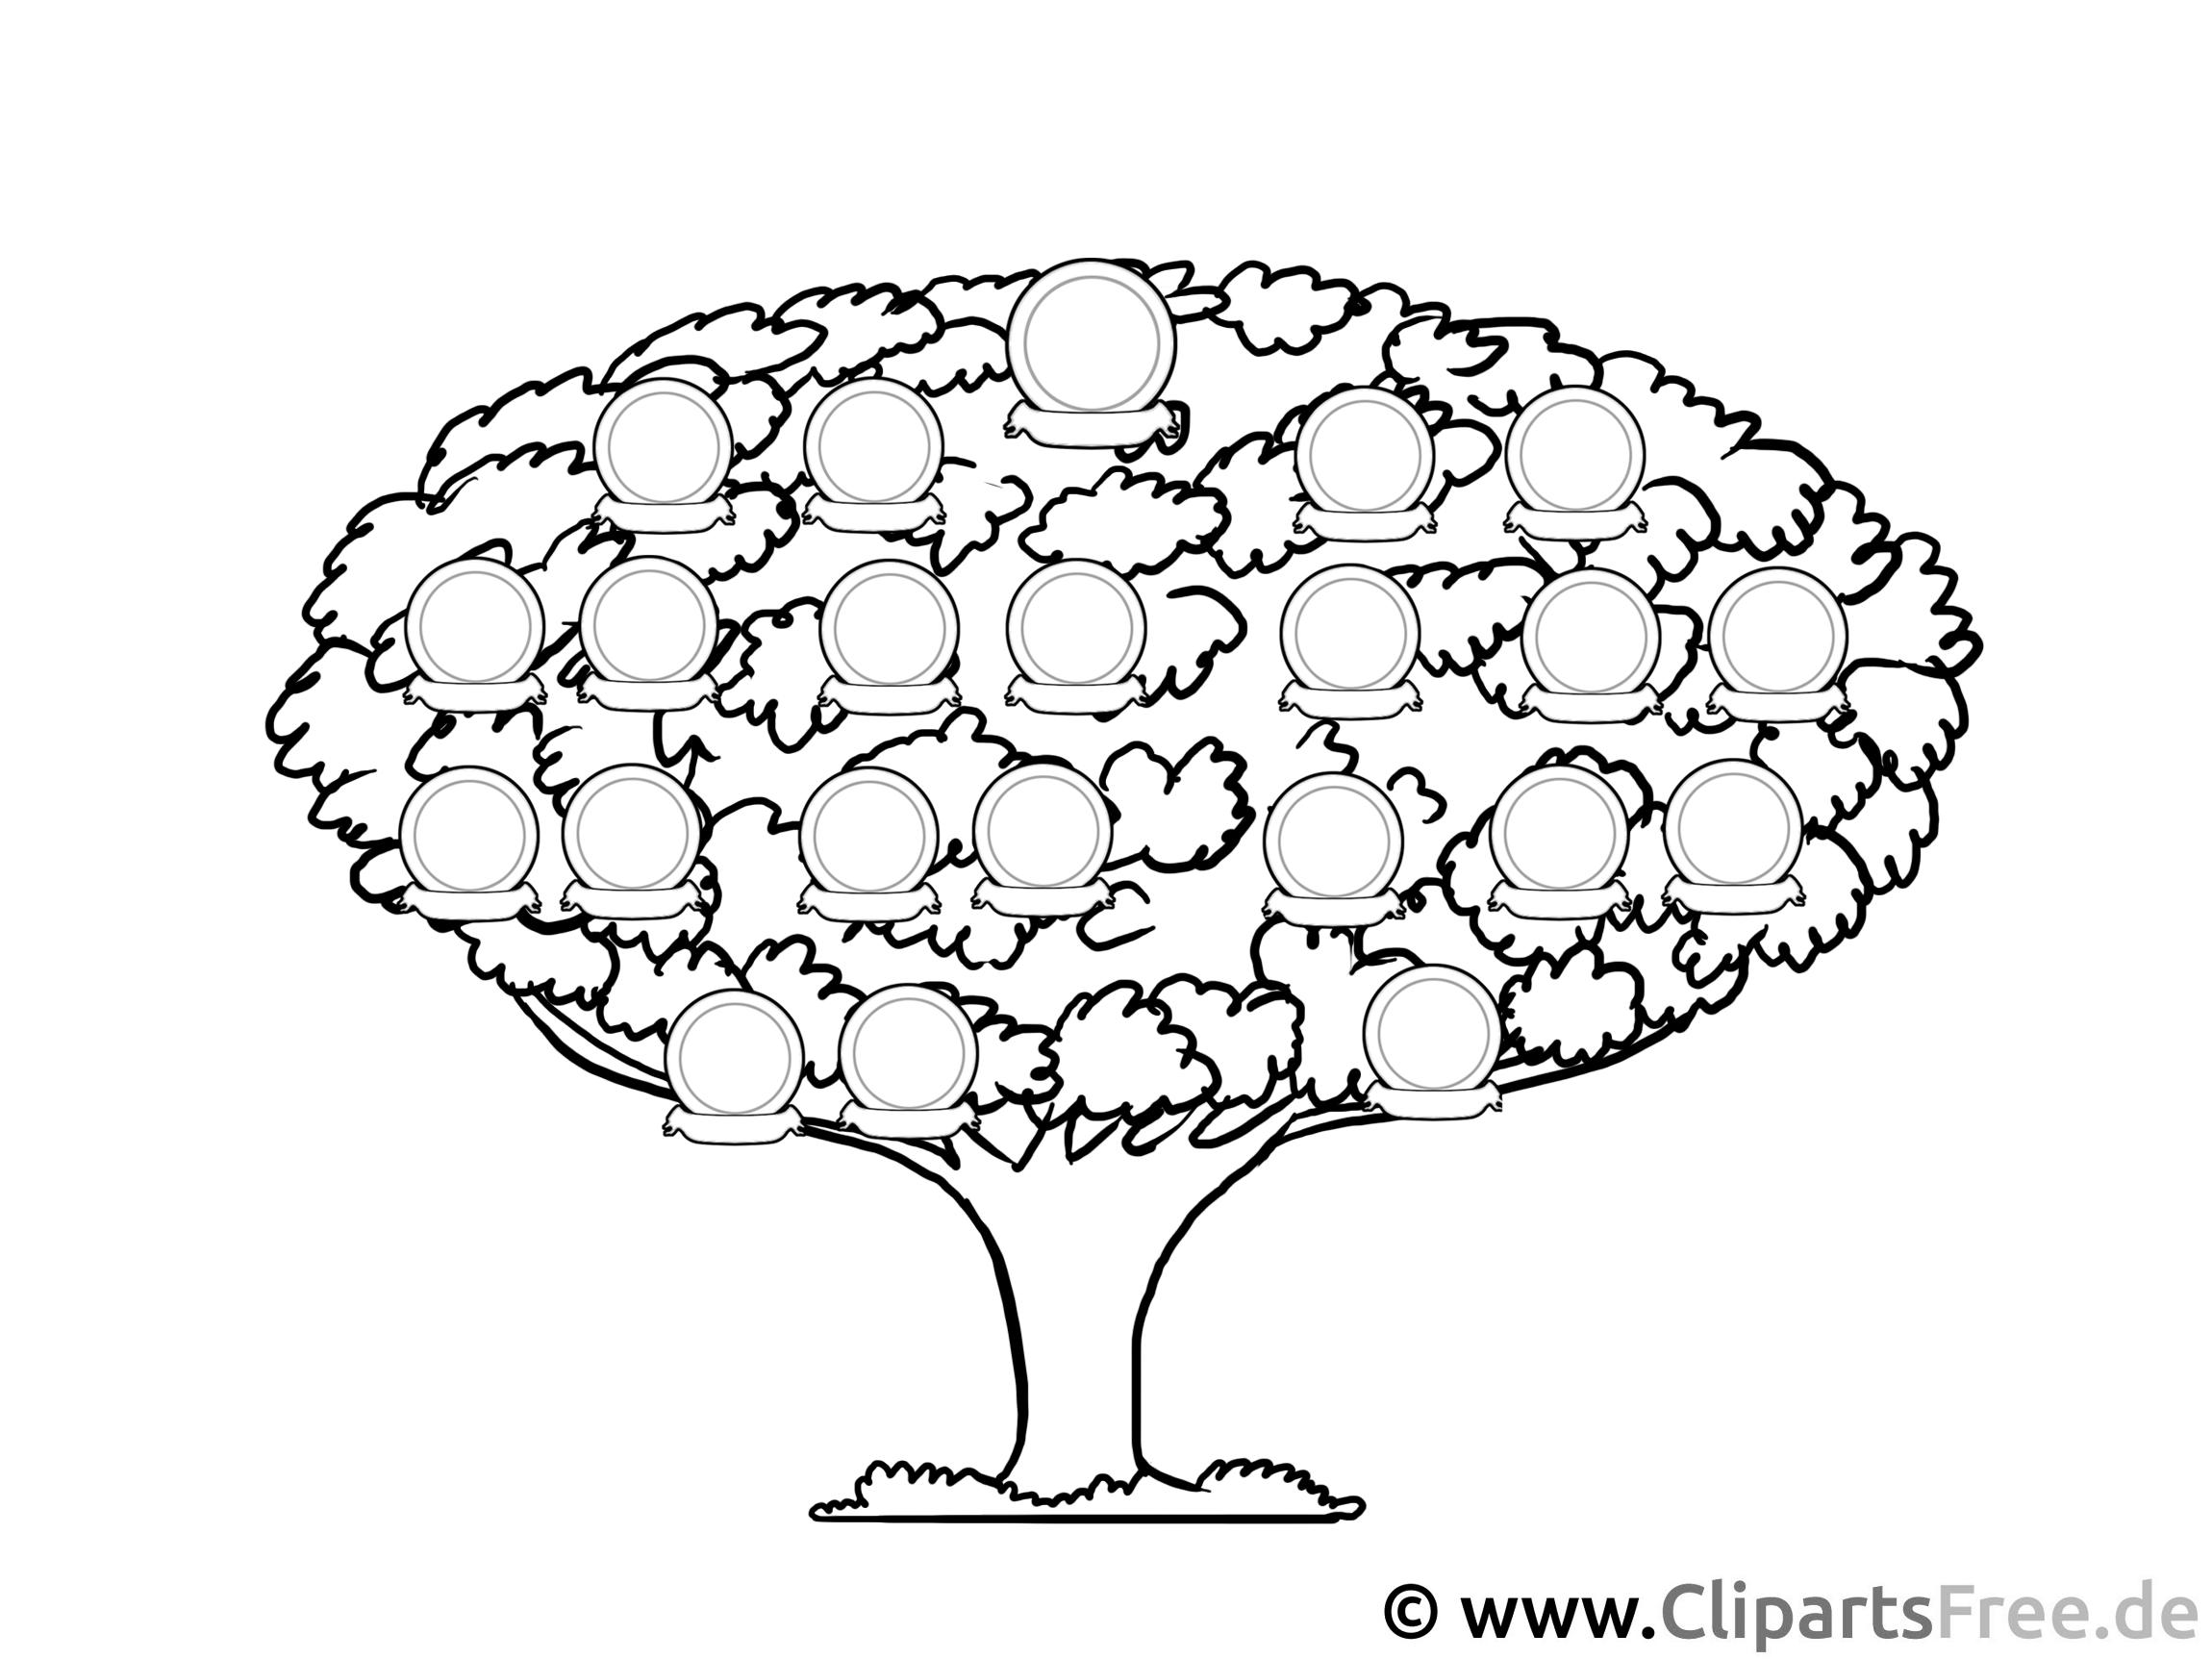 Ausmalbilder Ausmalbilder Vulture Zum Ausdrucken: Stamm Baum Bild, Vorlage Zum Drucken